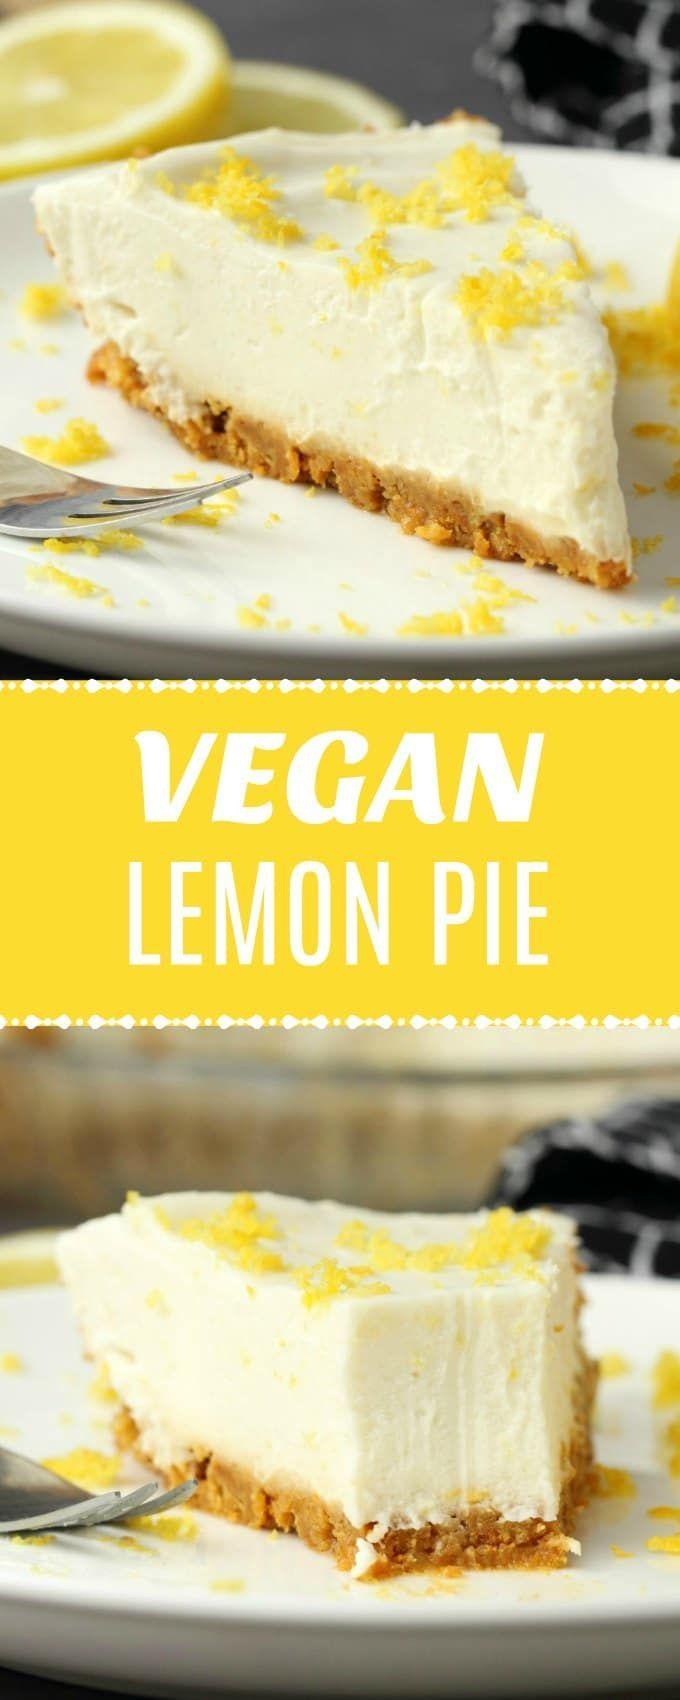 Cremige und lecker zitronige No-Bake vegane Zitronentorte mit Ingwer-Keks-Kruste…